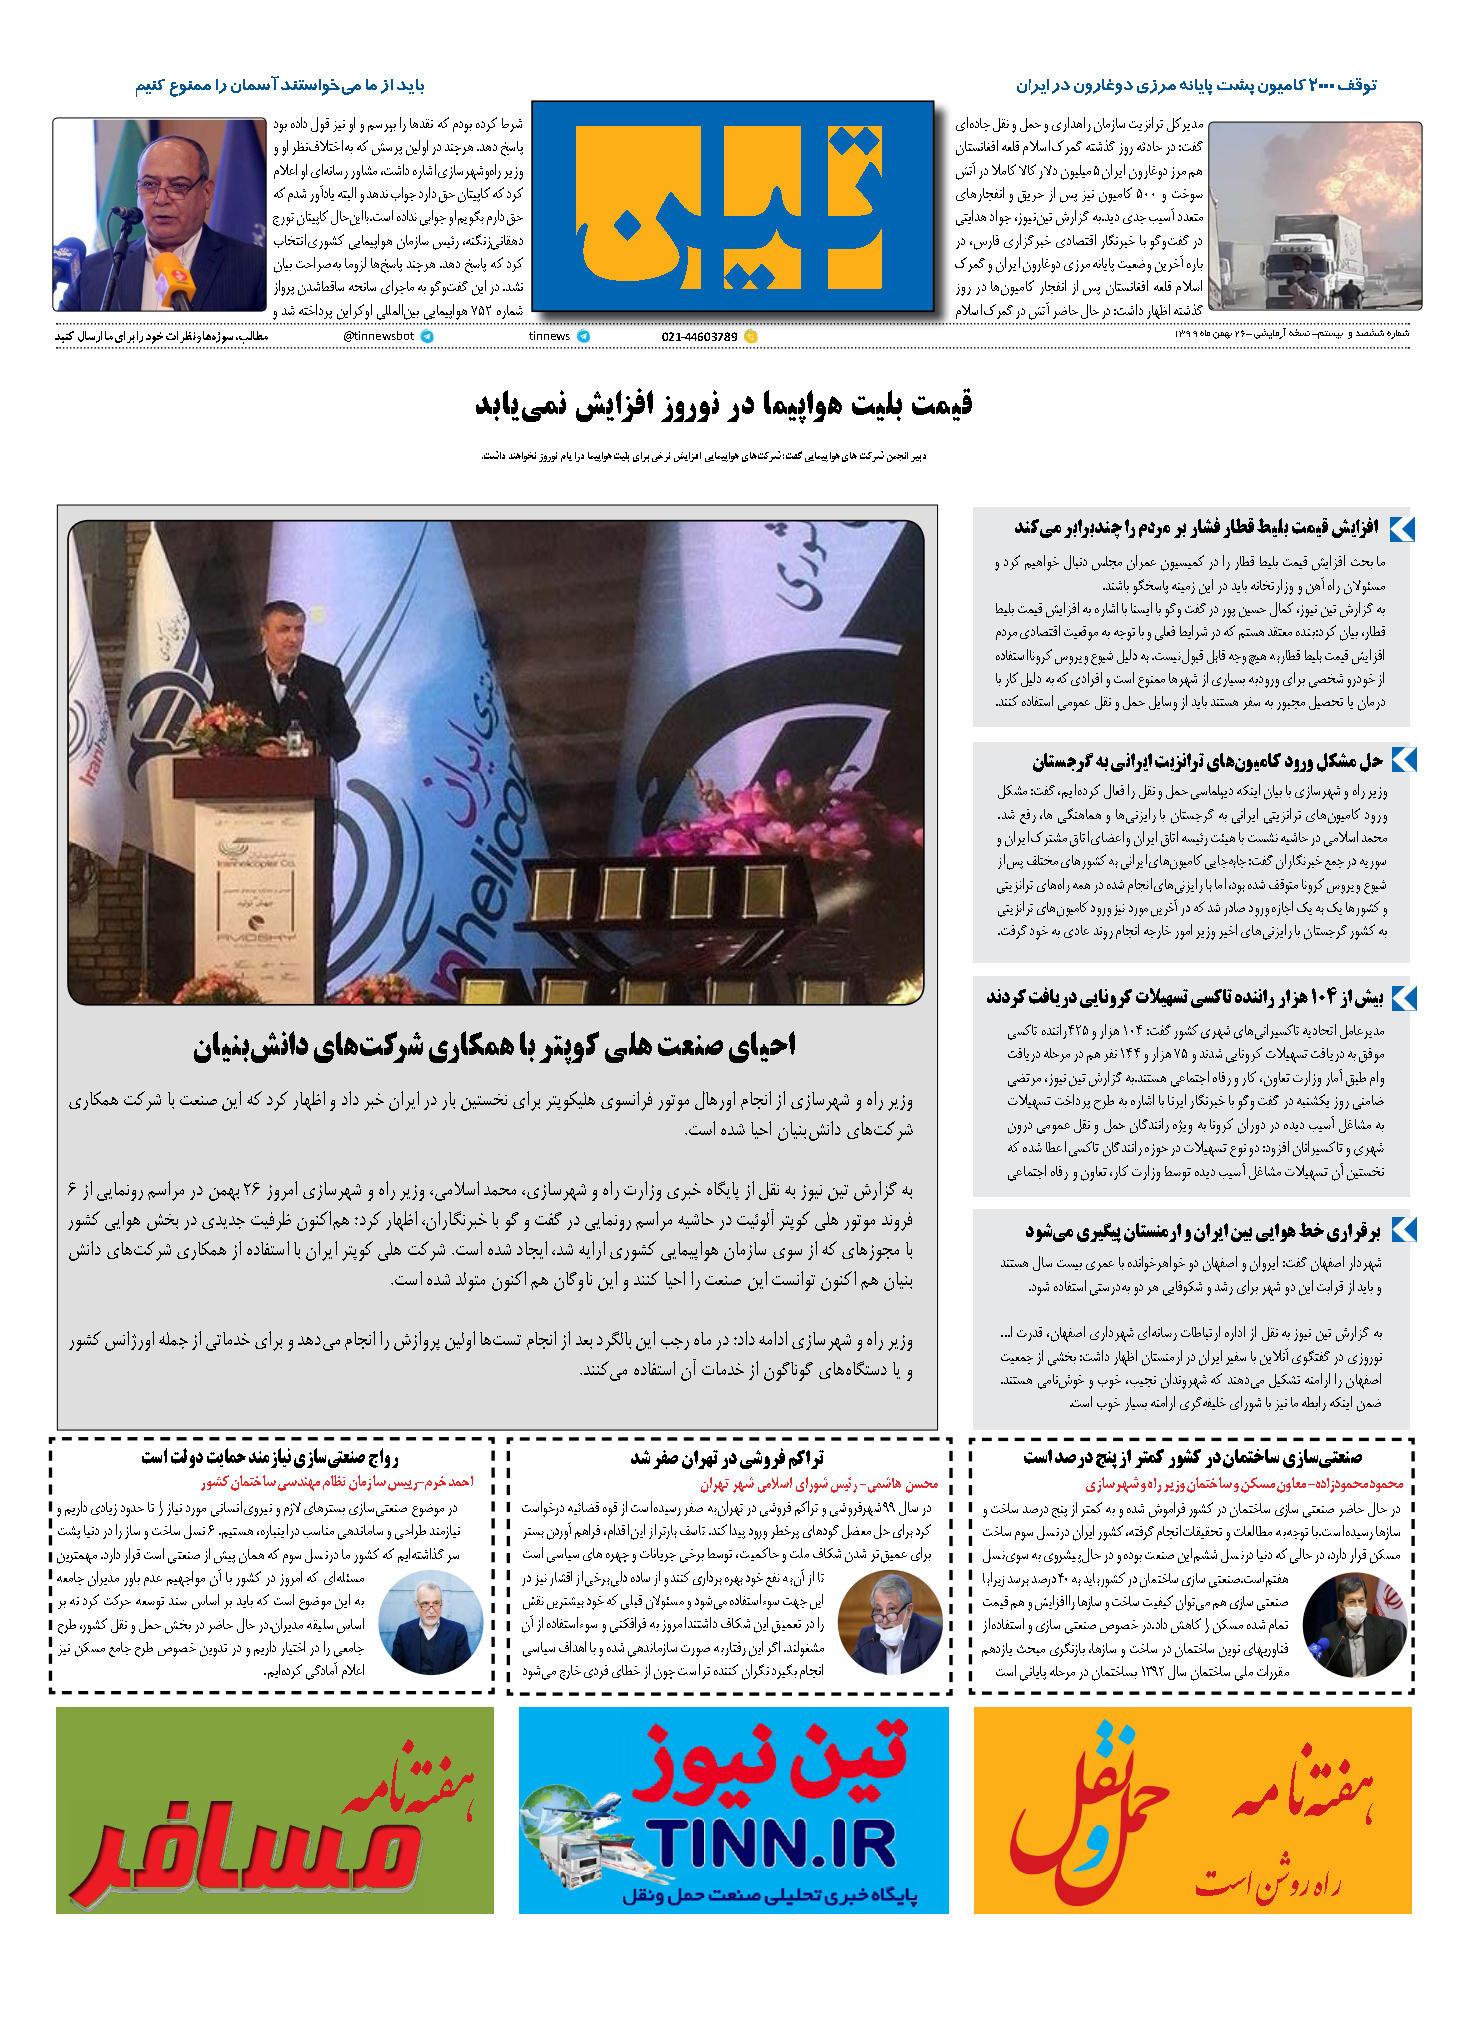 روزنامه الکترونیک 26 بهمن ماه 99